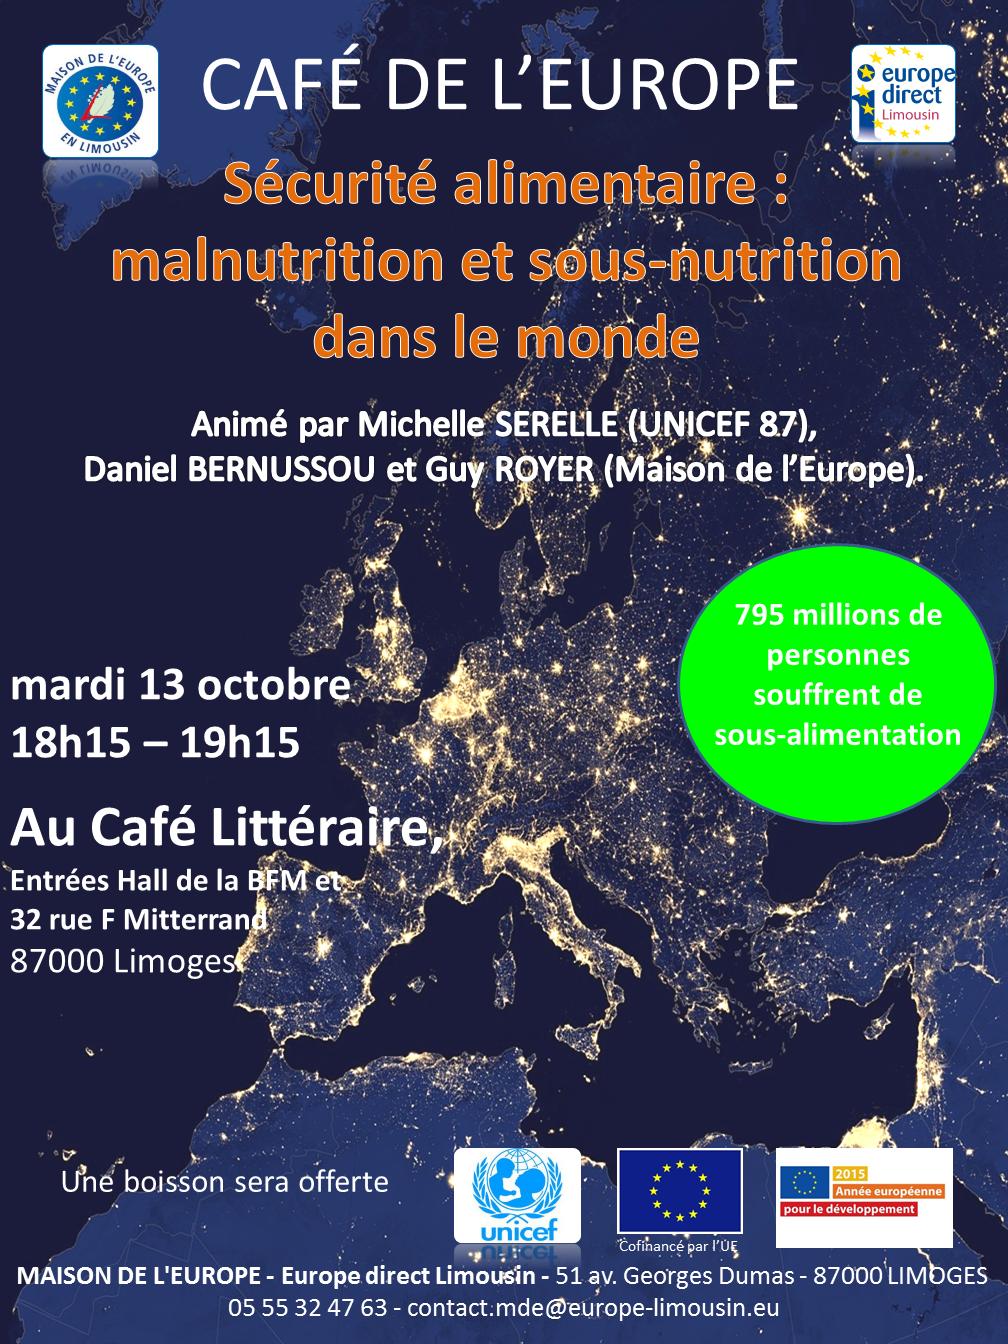 Caf de l europe s curit alimentaire malnutrition et for Maison dans le monde